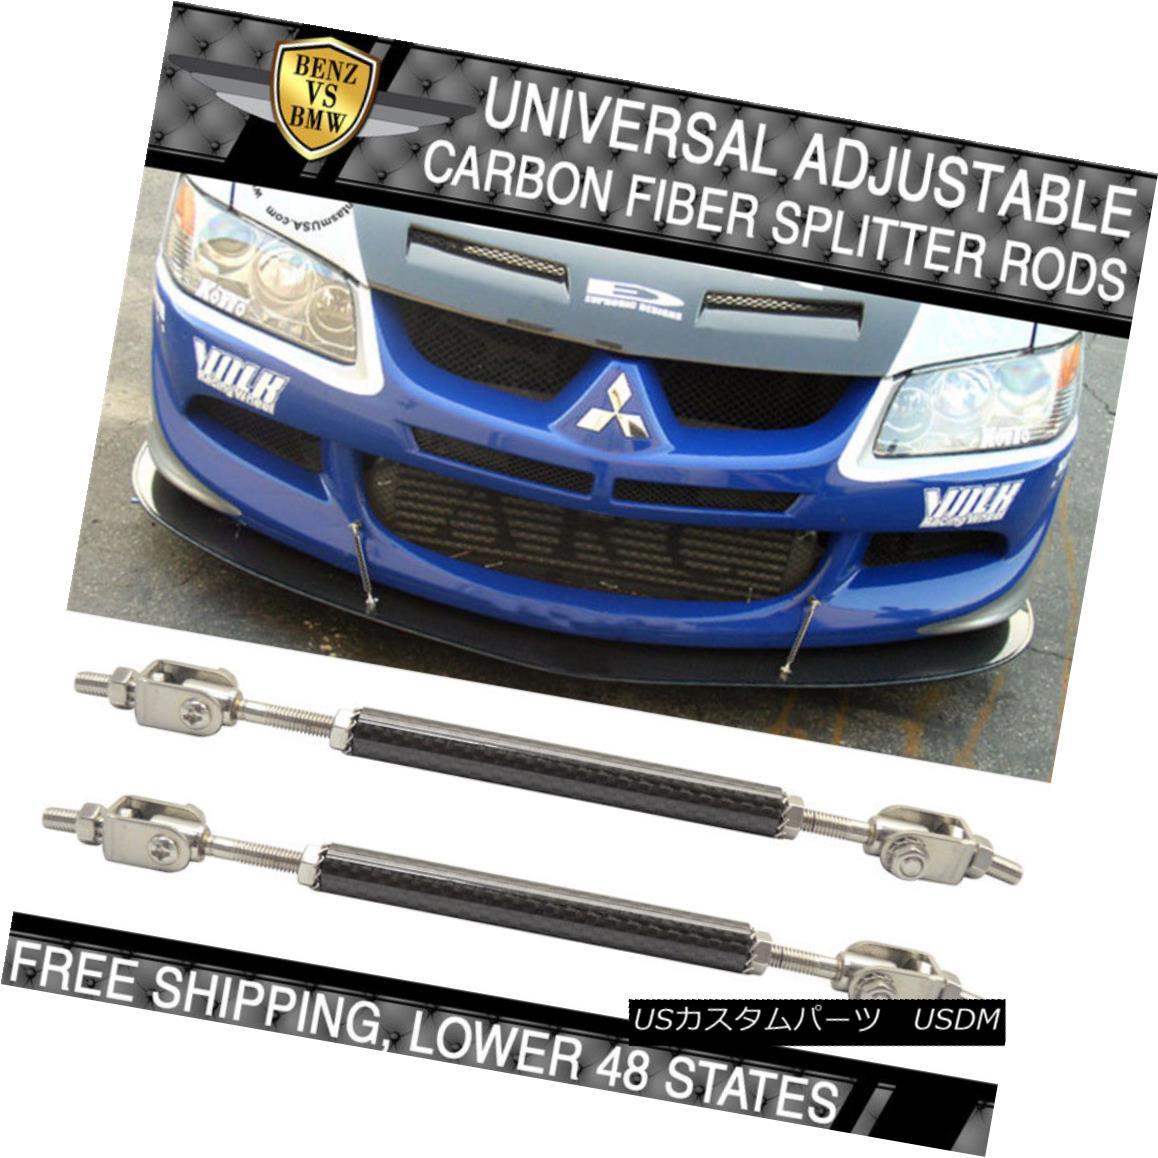 エアロパーツ Carbon Fiber Front Rear Frame Protector Rod Splitter Strut Tie Bars 140mm-200mm カーボンファイバーフロントリアフレームプロテクターロッドスプリッターストラットタイバー140mm?200mm